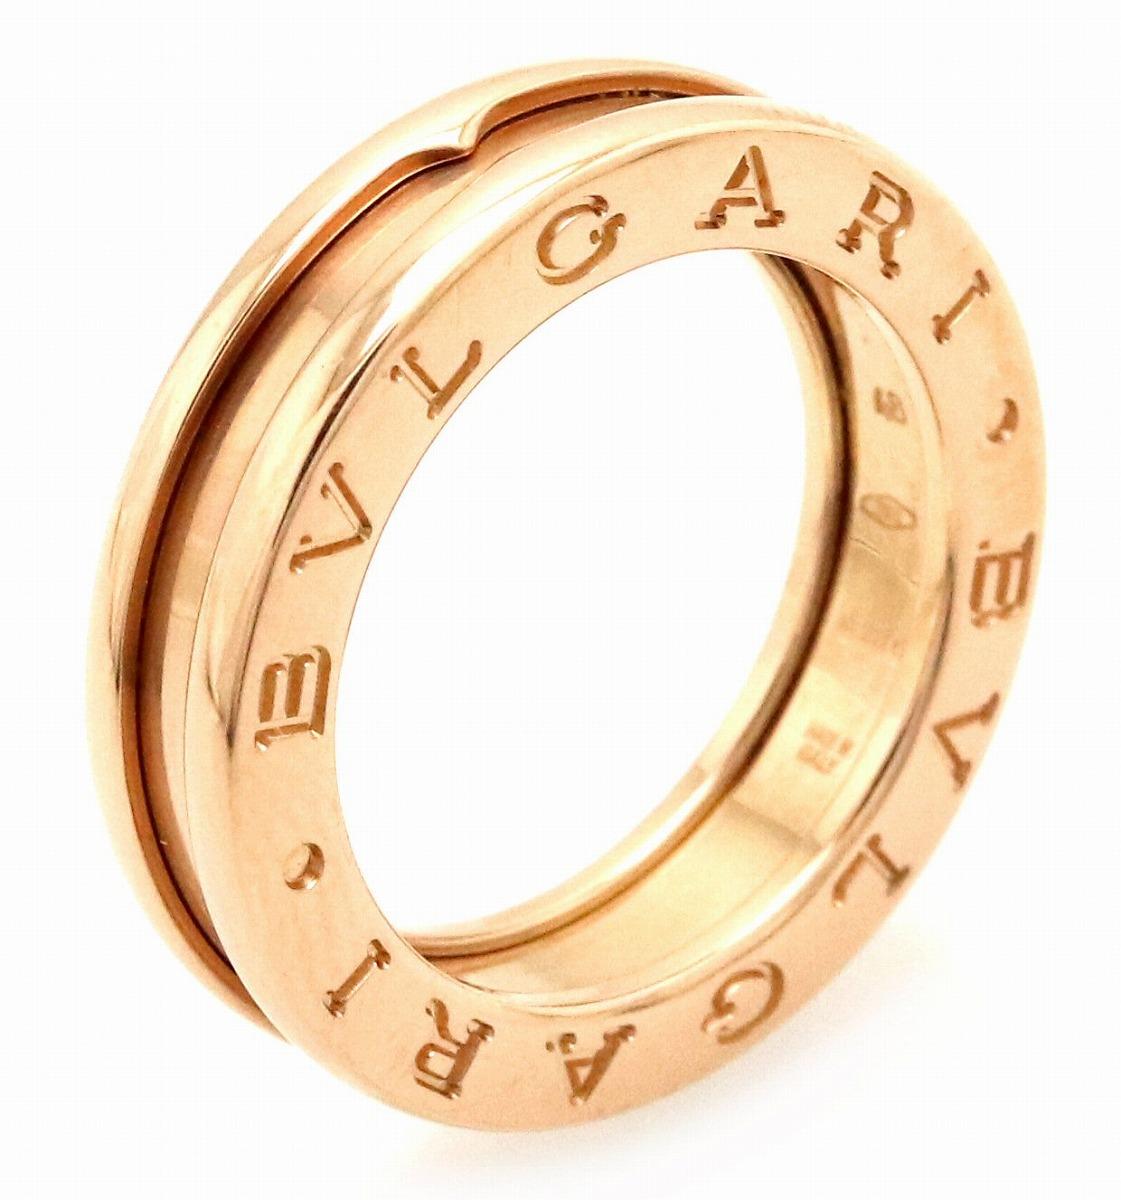 【ジュエリー】【新品仕上げ済】BVLGARI ブルガリ B.zero1 B-zero1 Bzero1 ビーゼロワン 1バンドリング 指輪 K18PG ピンクゴールド XSサイズ 8号 #48 AN852422 【中古】